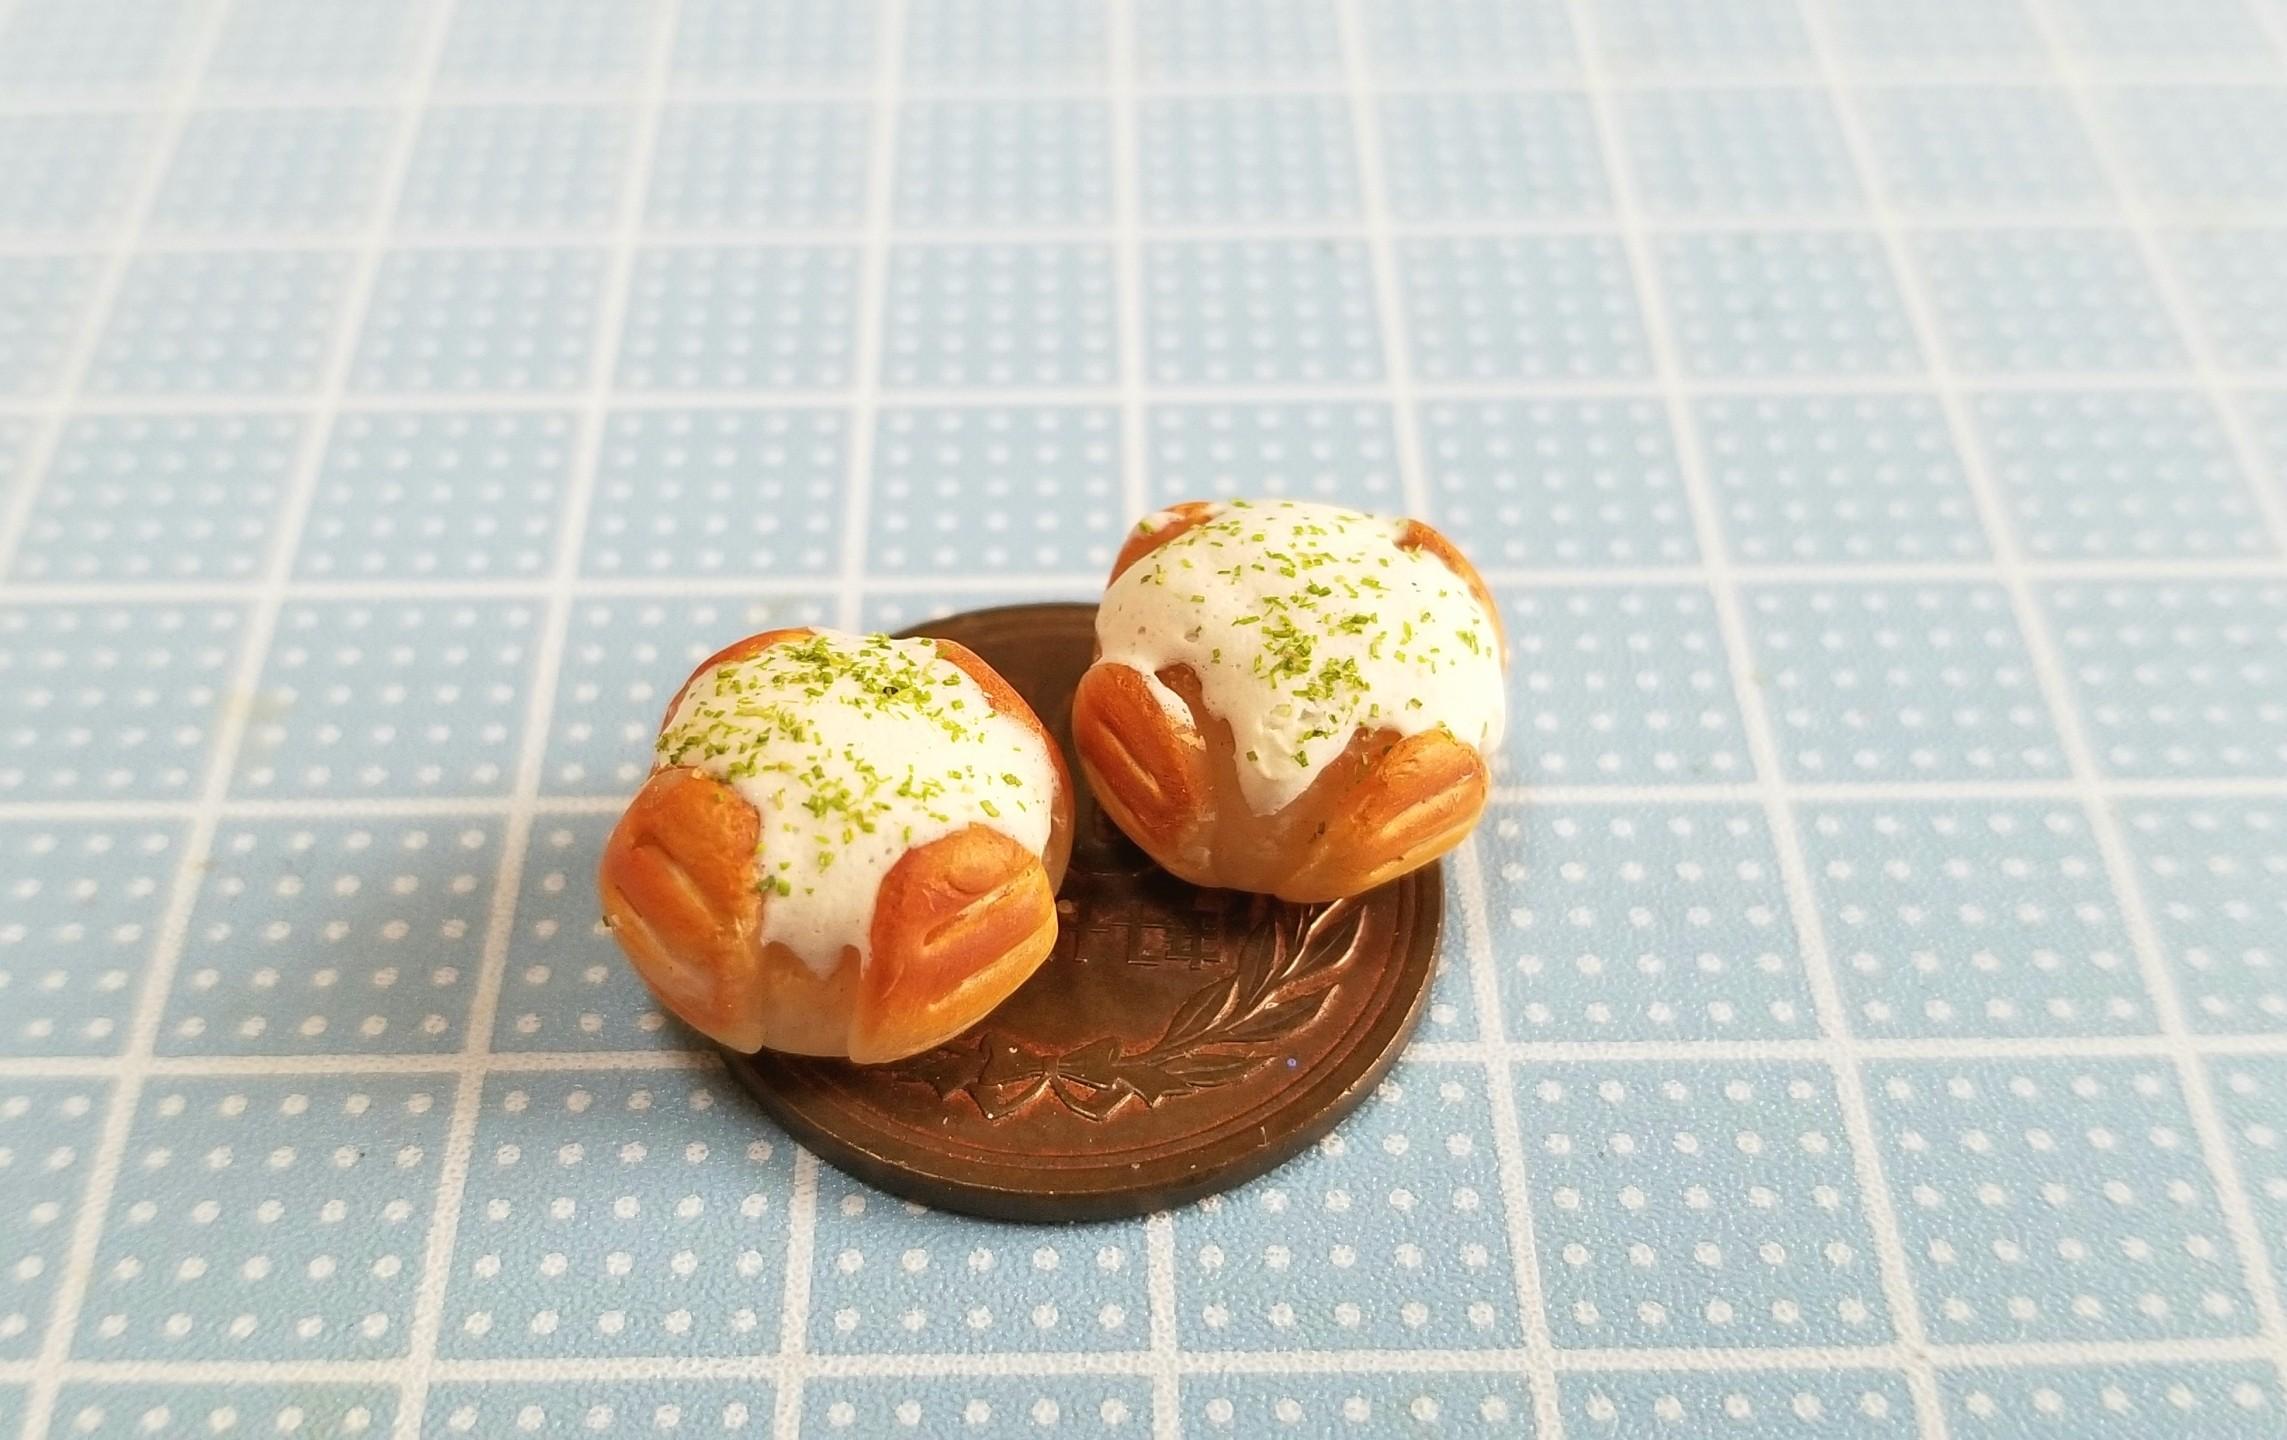 ミニチュア,カマンベールチーズパン,樹脂粘土,オビツろいど,ドール